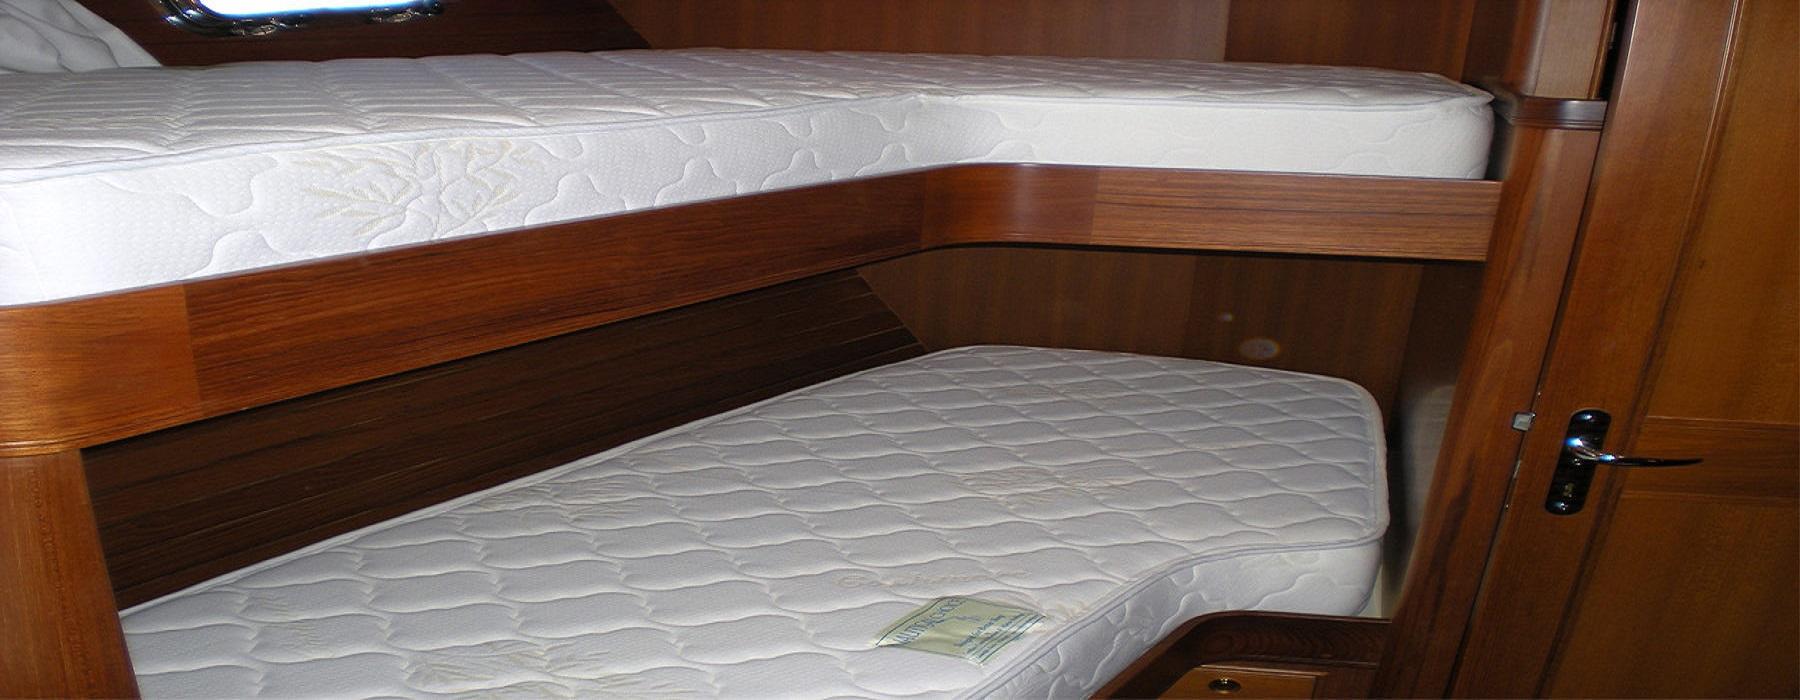 1b_Boat_500x1800-1800x500 - Copy.jpg